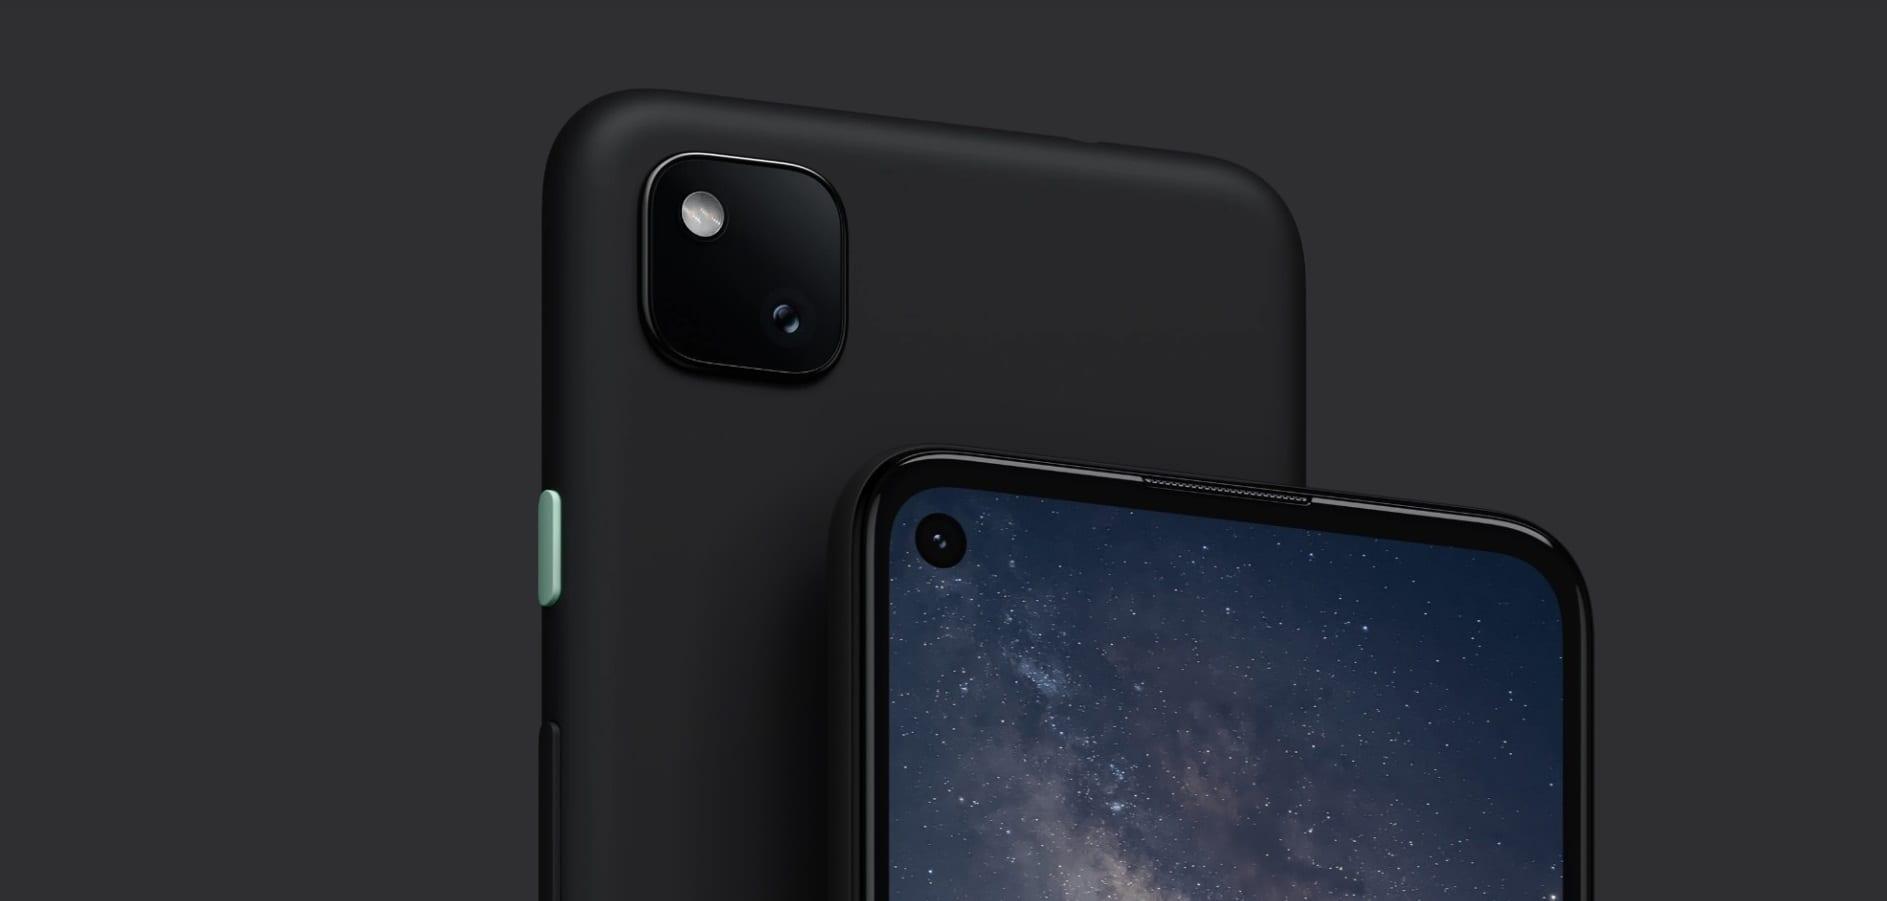 Pixel Phone 5 e 4a 5G: niente più modalità astrofotografica con la camera grandangolo